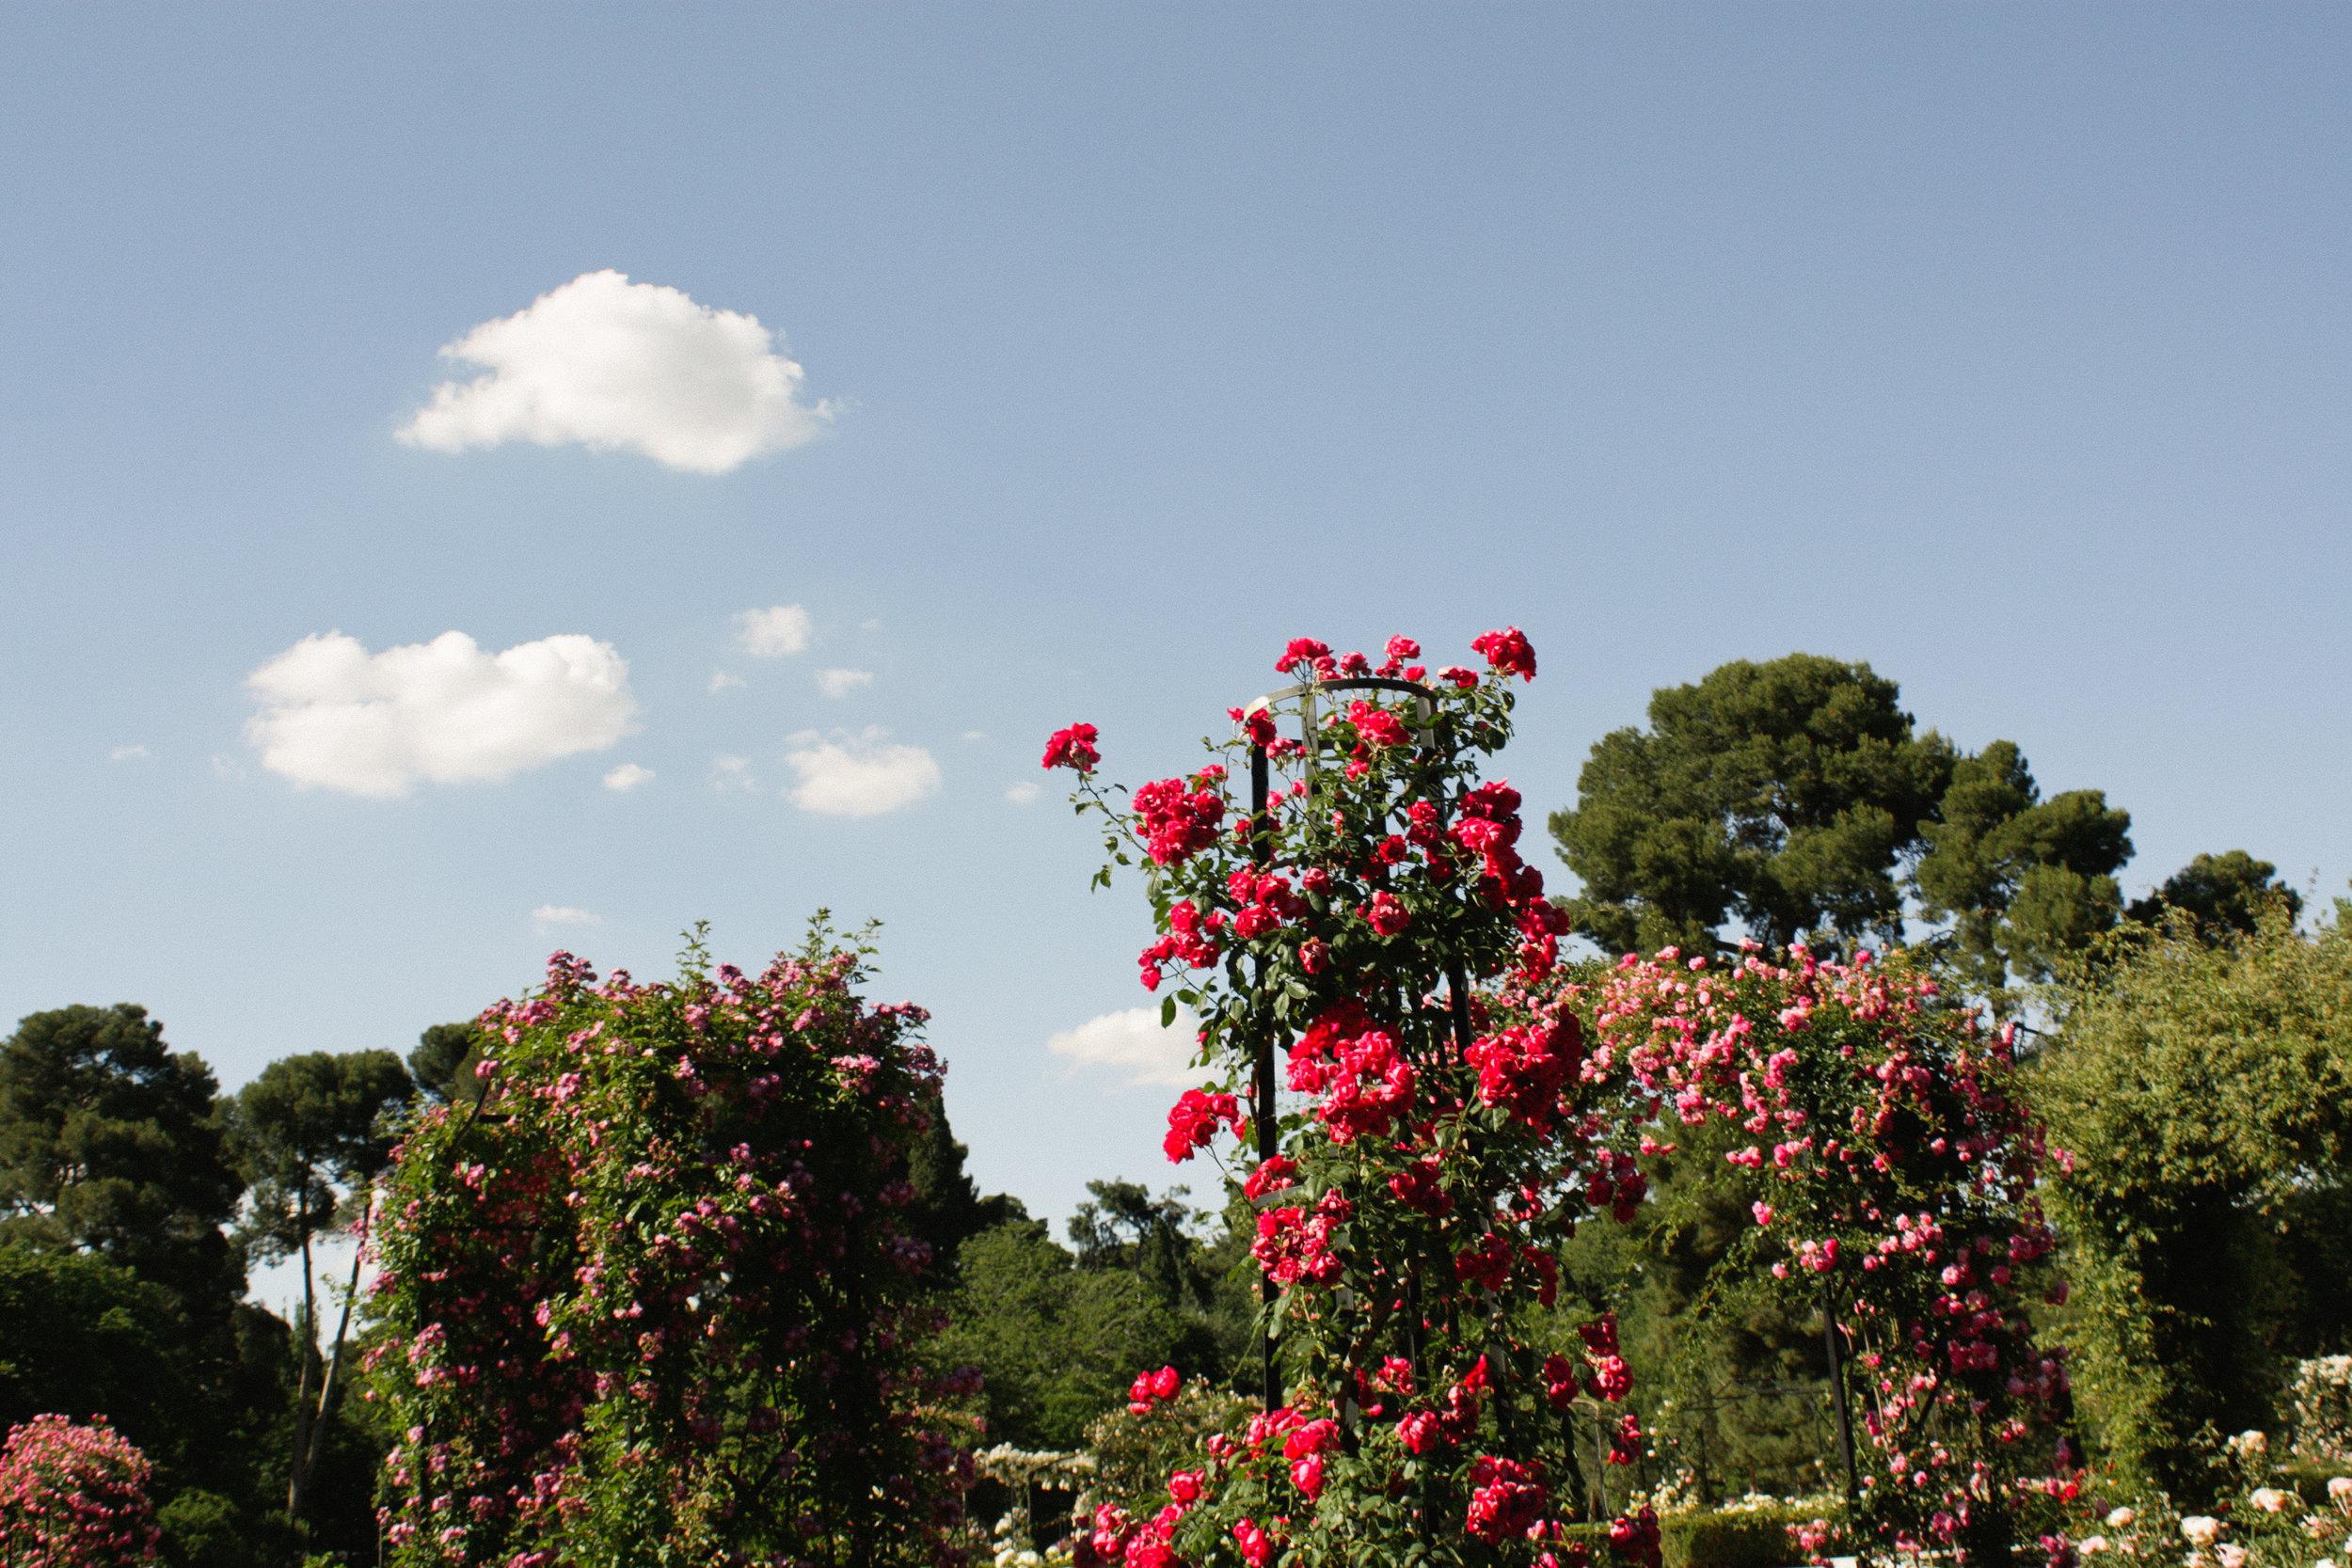 rose garden in madrid spain